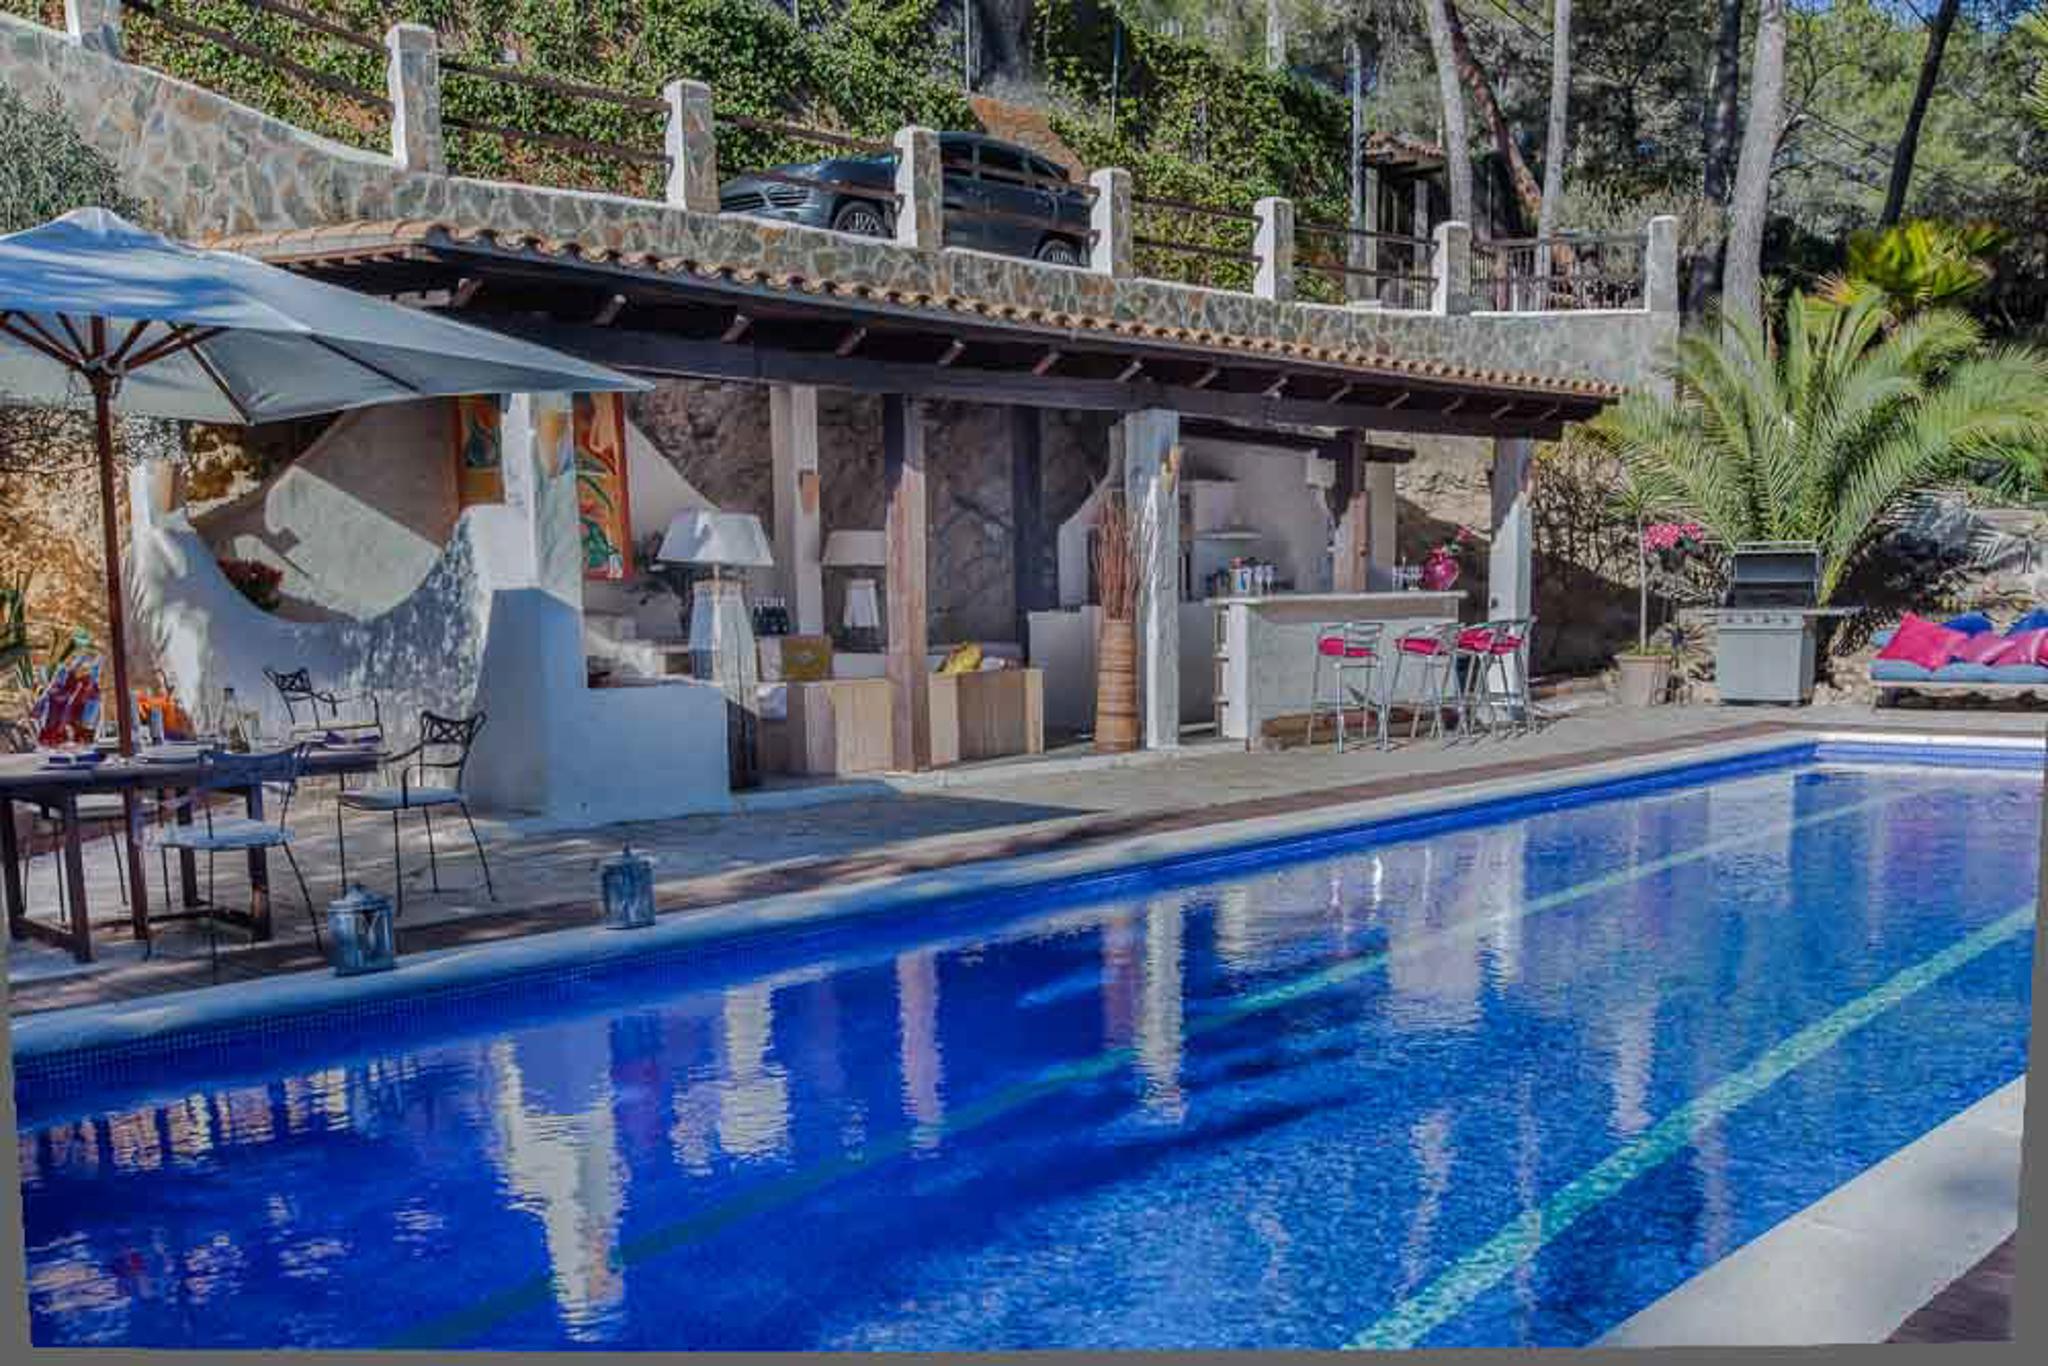 Ferienhaus Villa Palmera, Paradies in der Nhe von Barcelona, luxurise Villa fr 22 Personen (2379177), Olivella, Costa del Garraf, Katalonien, Spanien, Bild 24